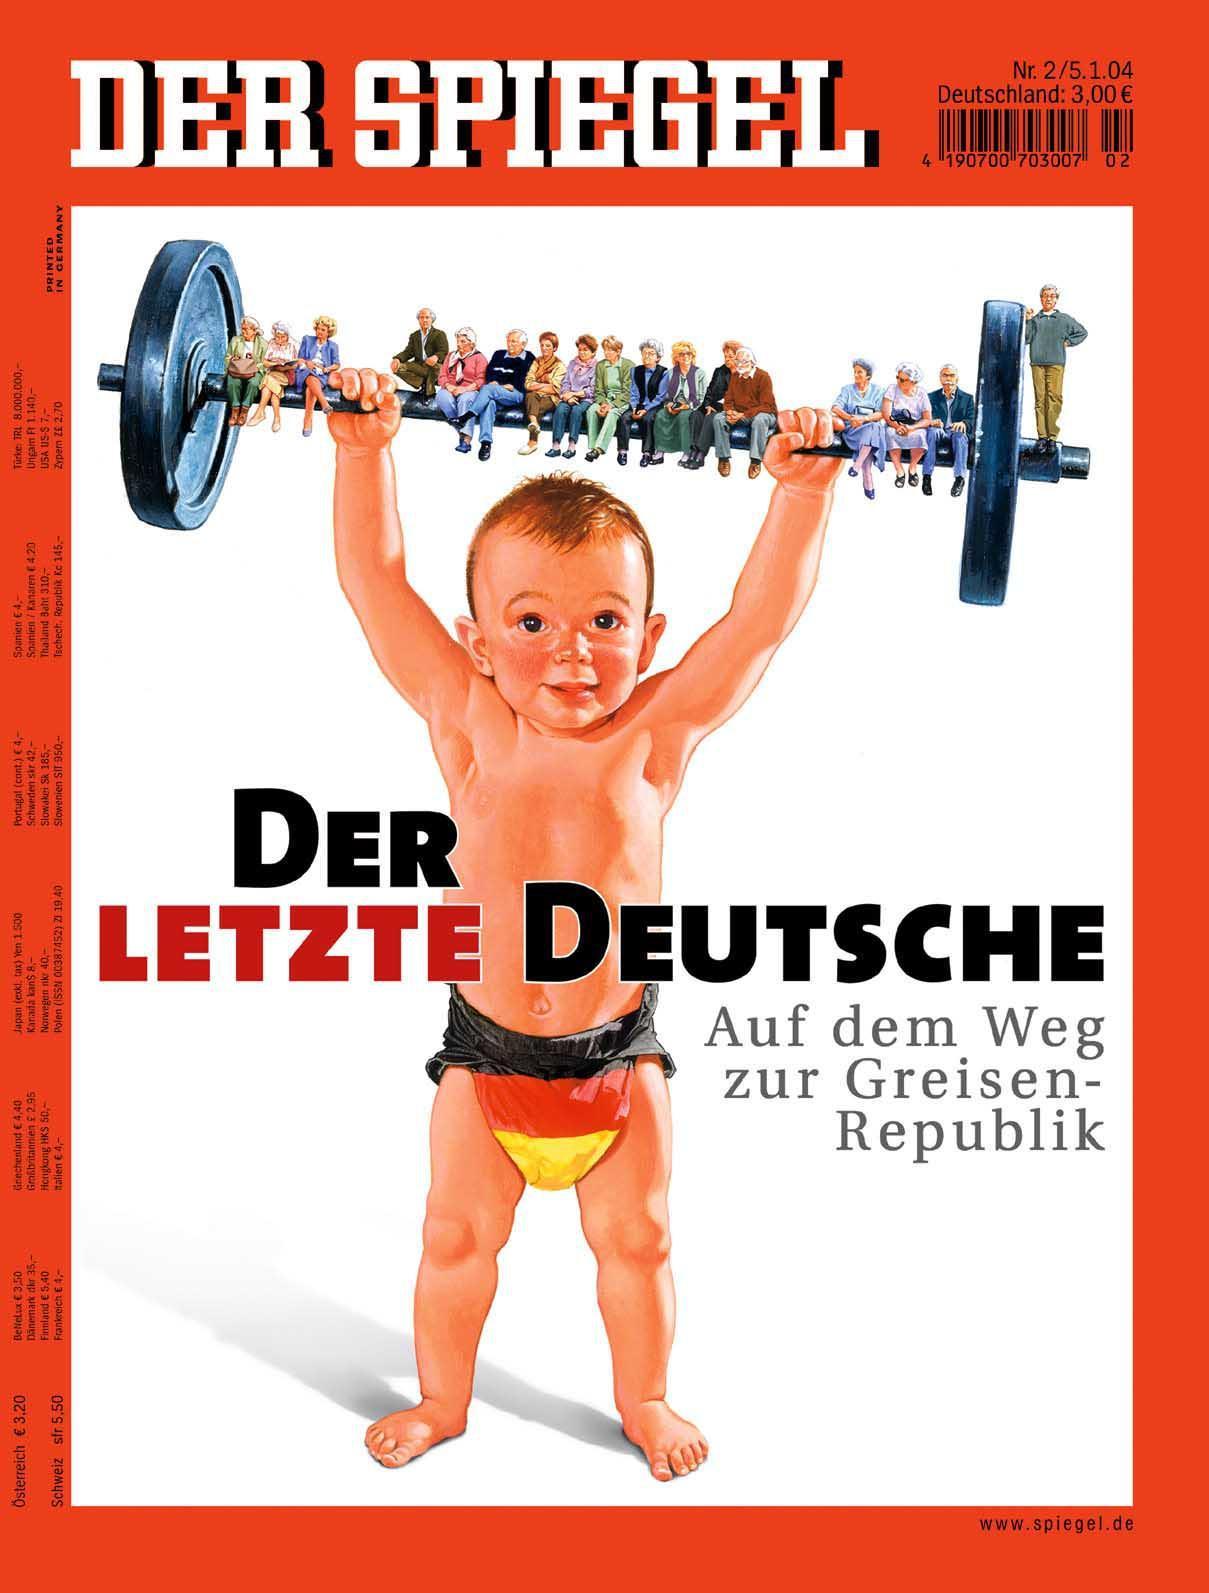 [Bild: zeitung_-_spiegel_-_der_letzte_deutsche.jpg]